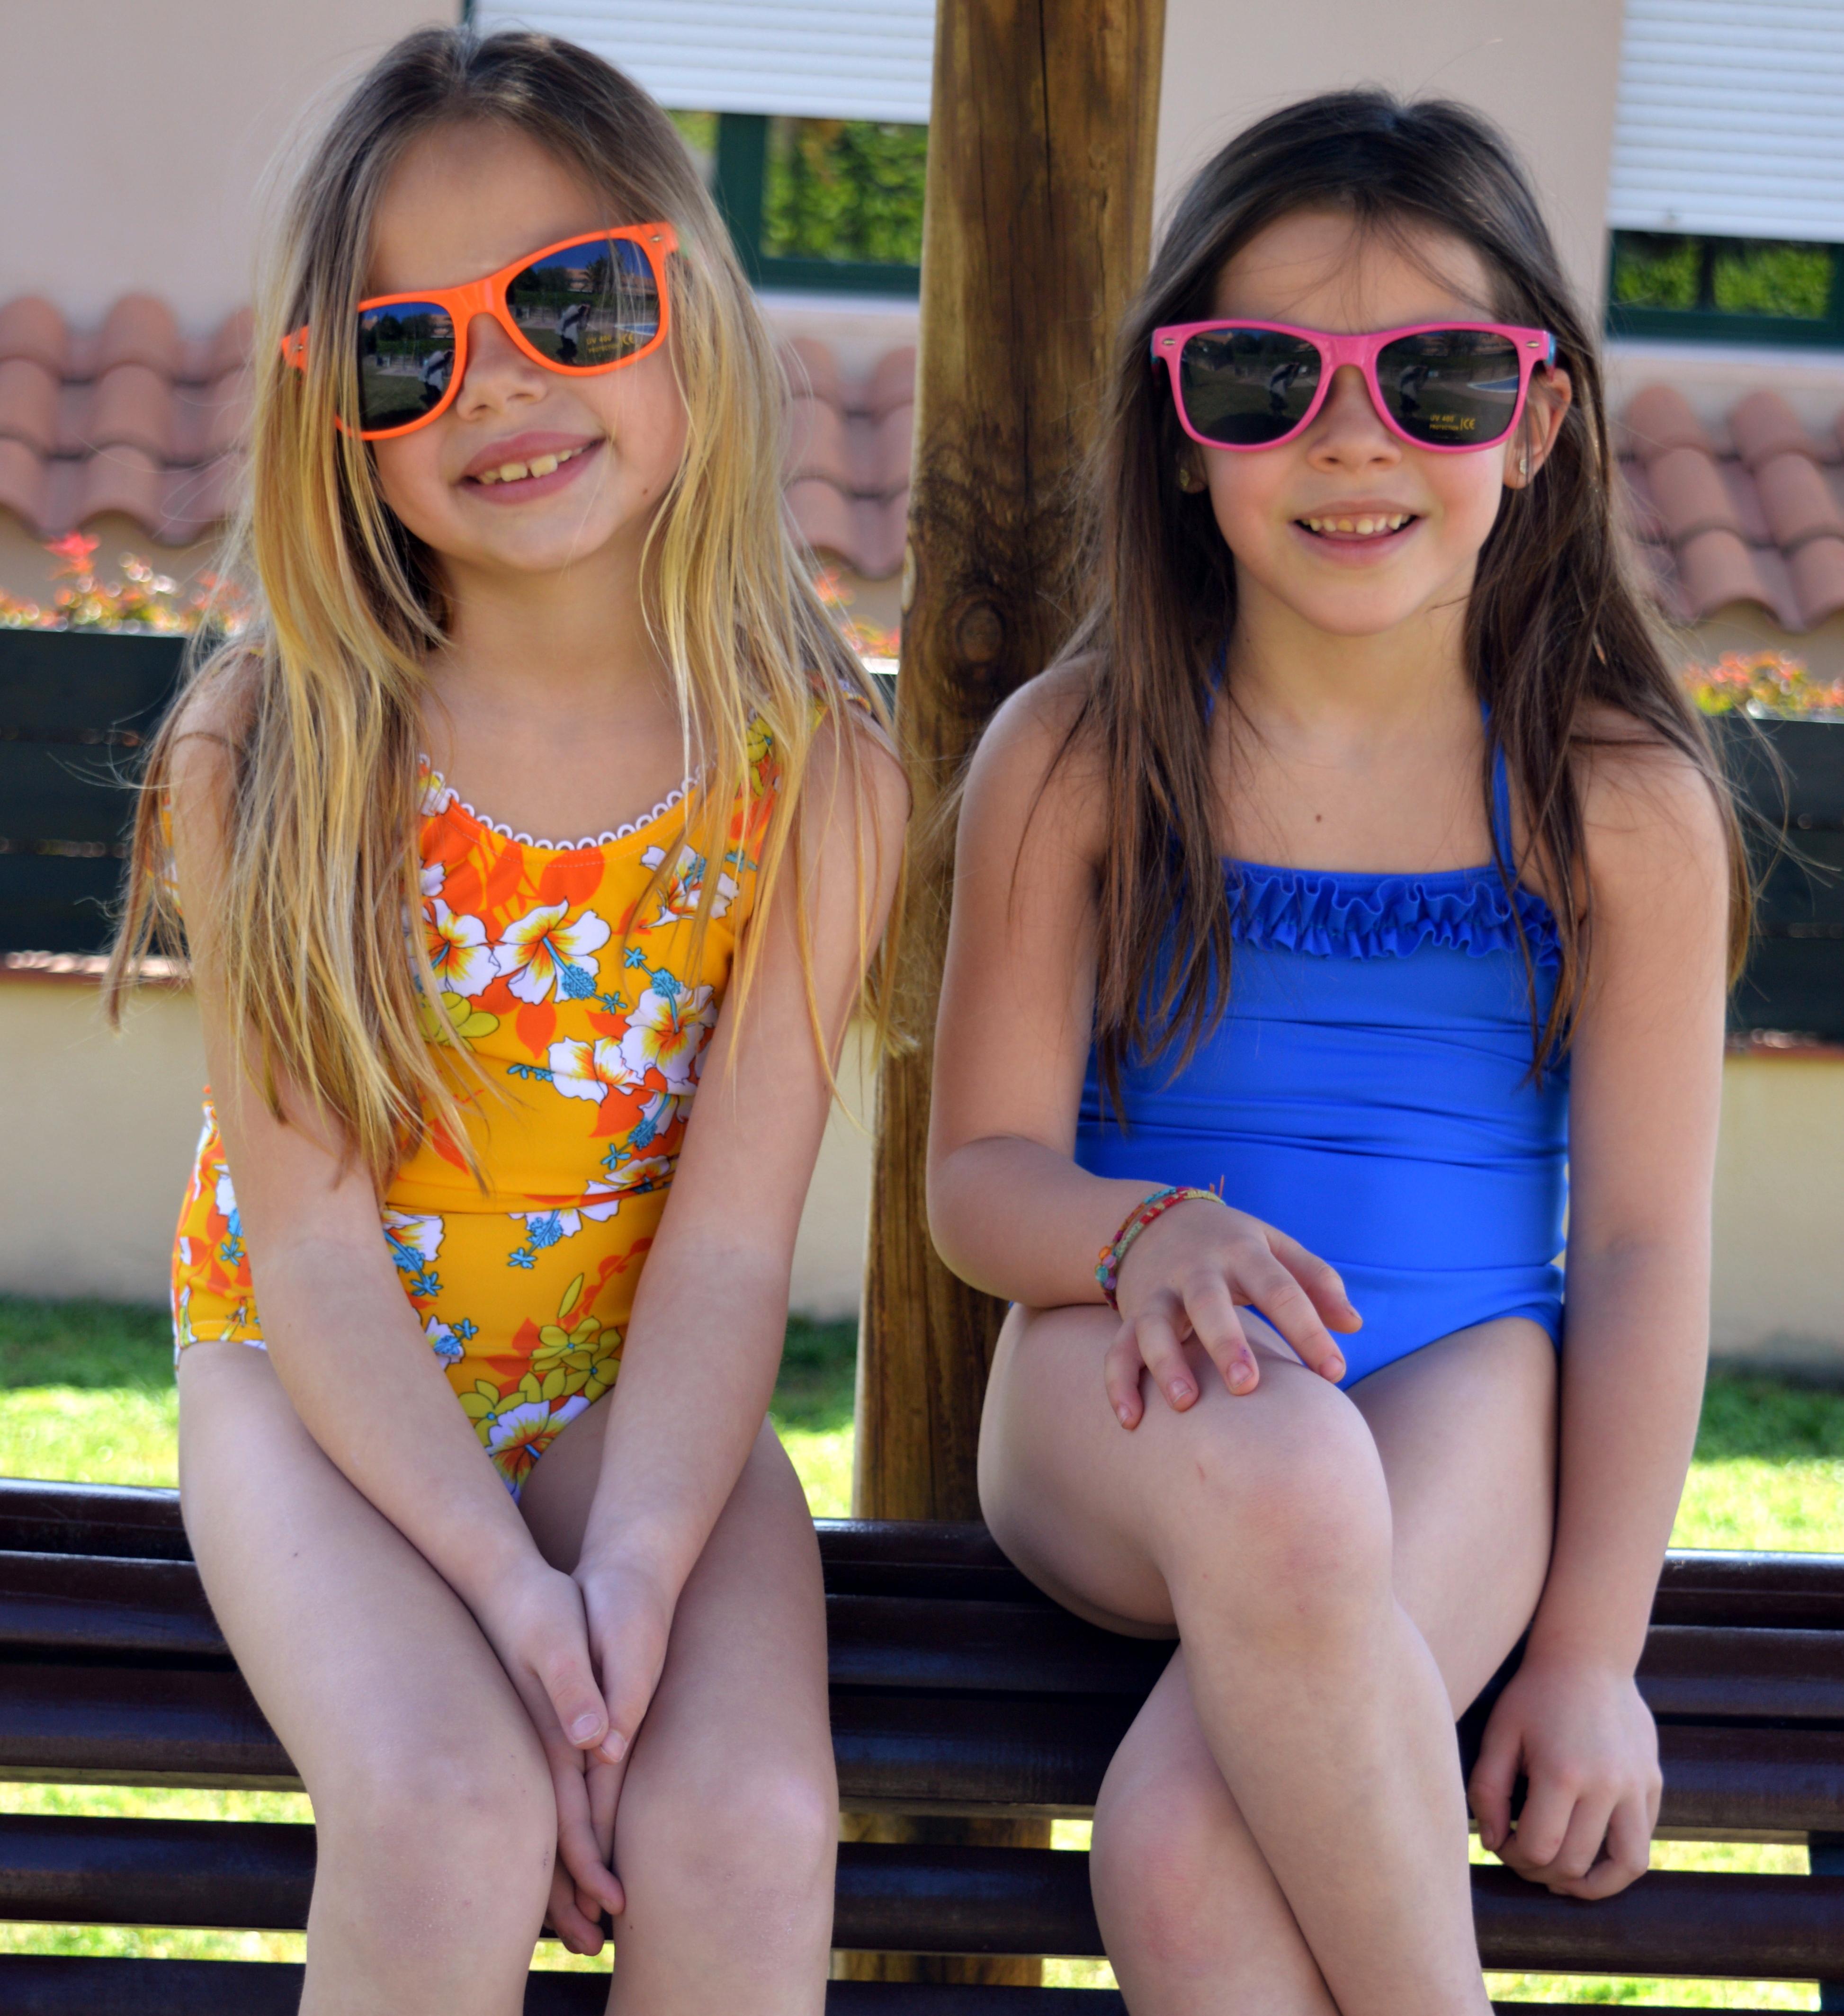 Baby matilda ropa ba o blog moda infantil y juvenil 2 for Ropa de bano infantil